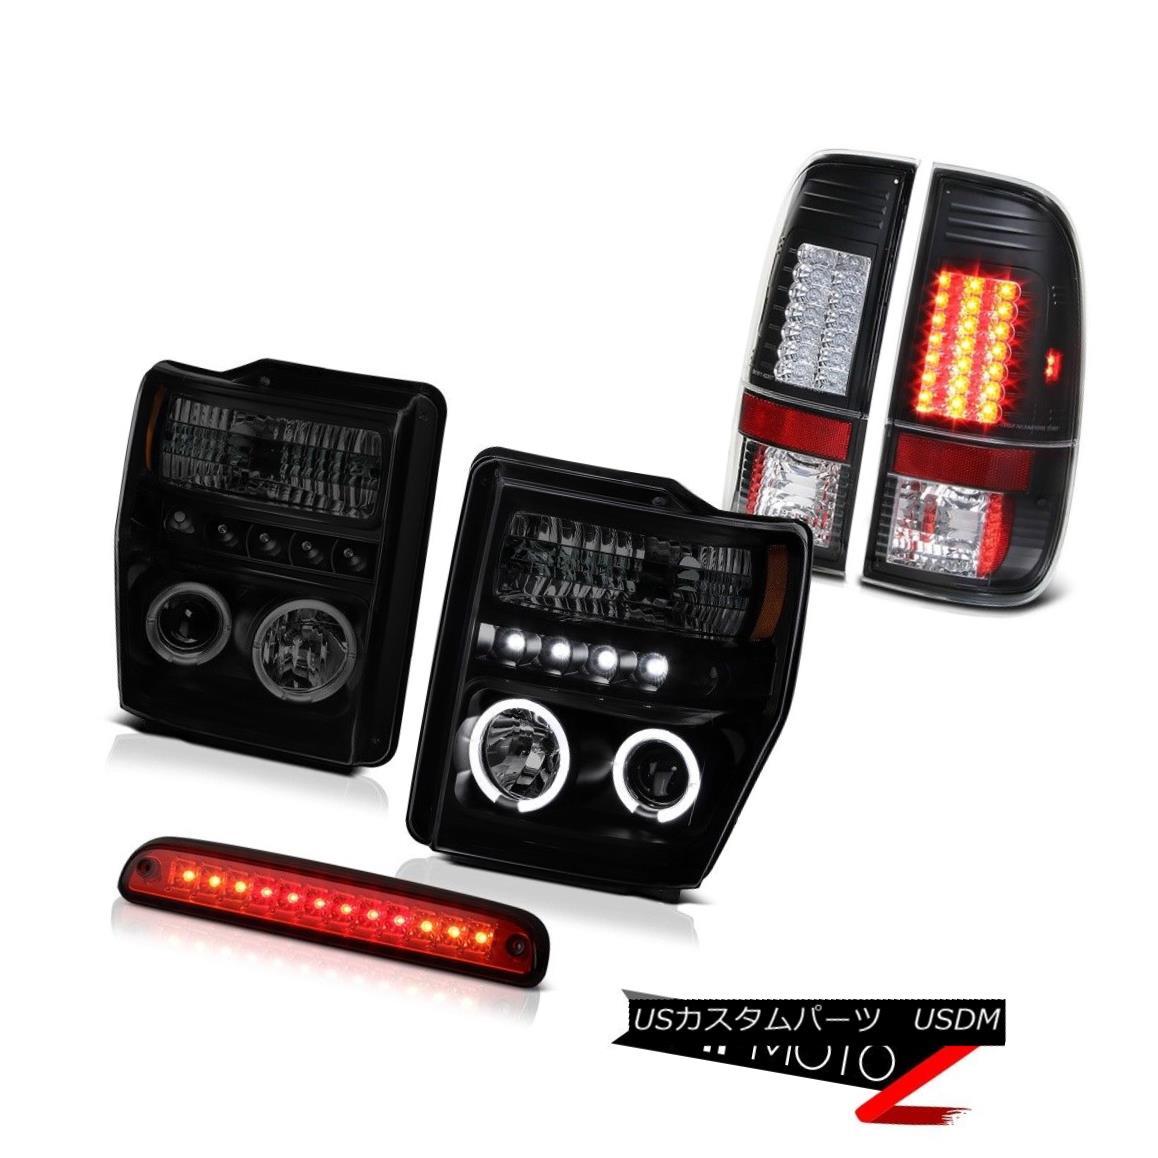 テールライト Sinister Black LED Halo Headlight Roof Brake Cargo Lamp 2008 2009 2010 F250 6.3L シニスターブラックLEDハローヘッドライトルーフブレーキカーゴランプ2008 2009 2010 F250 6.3L